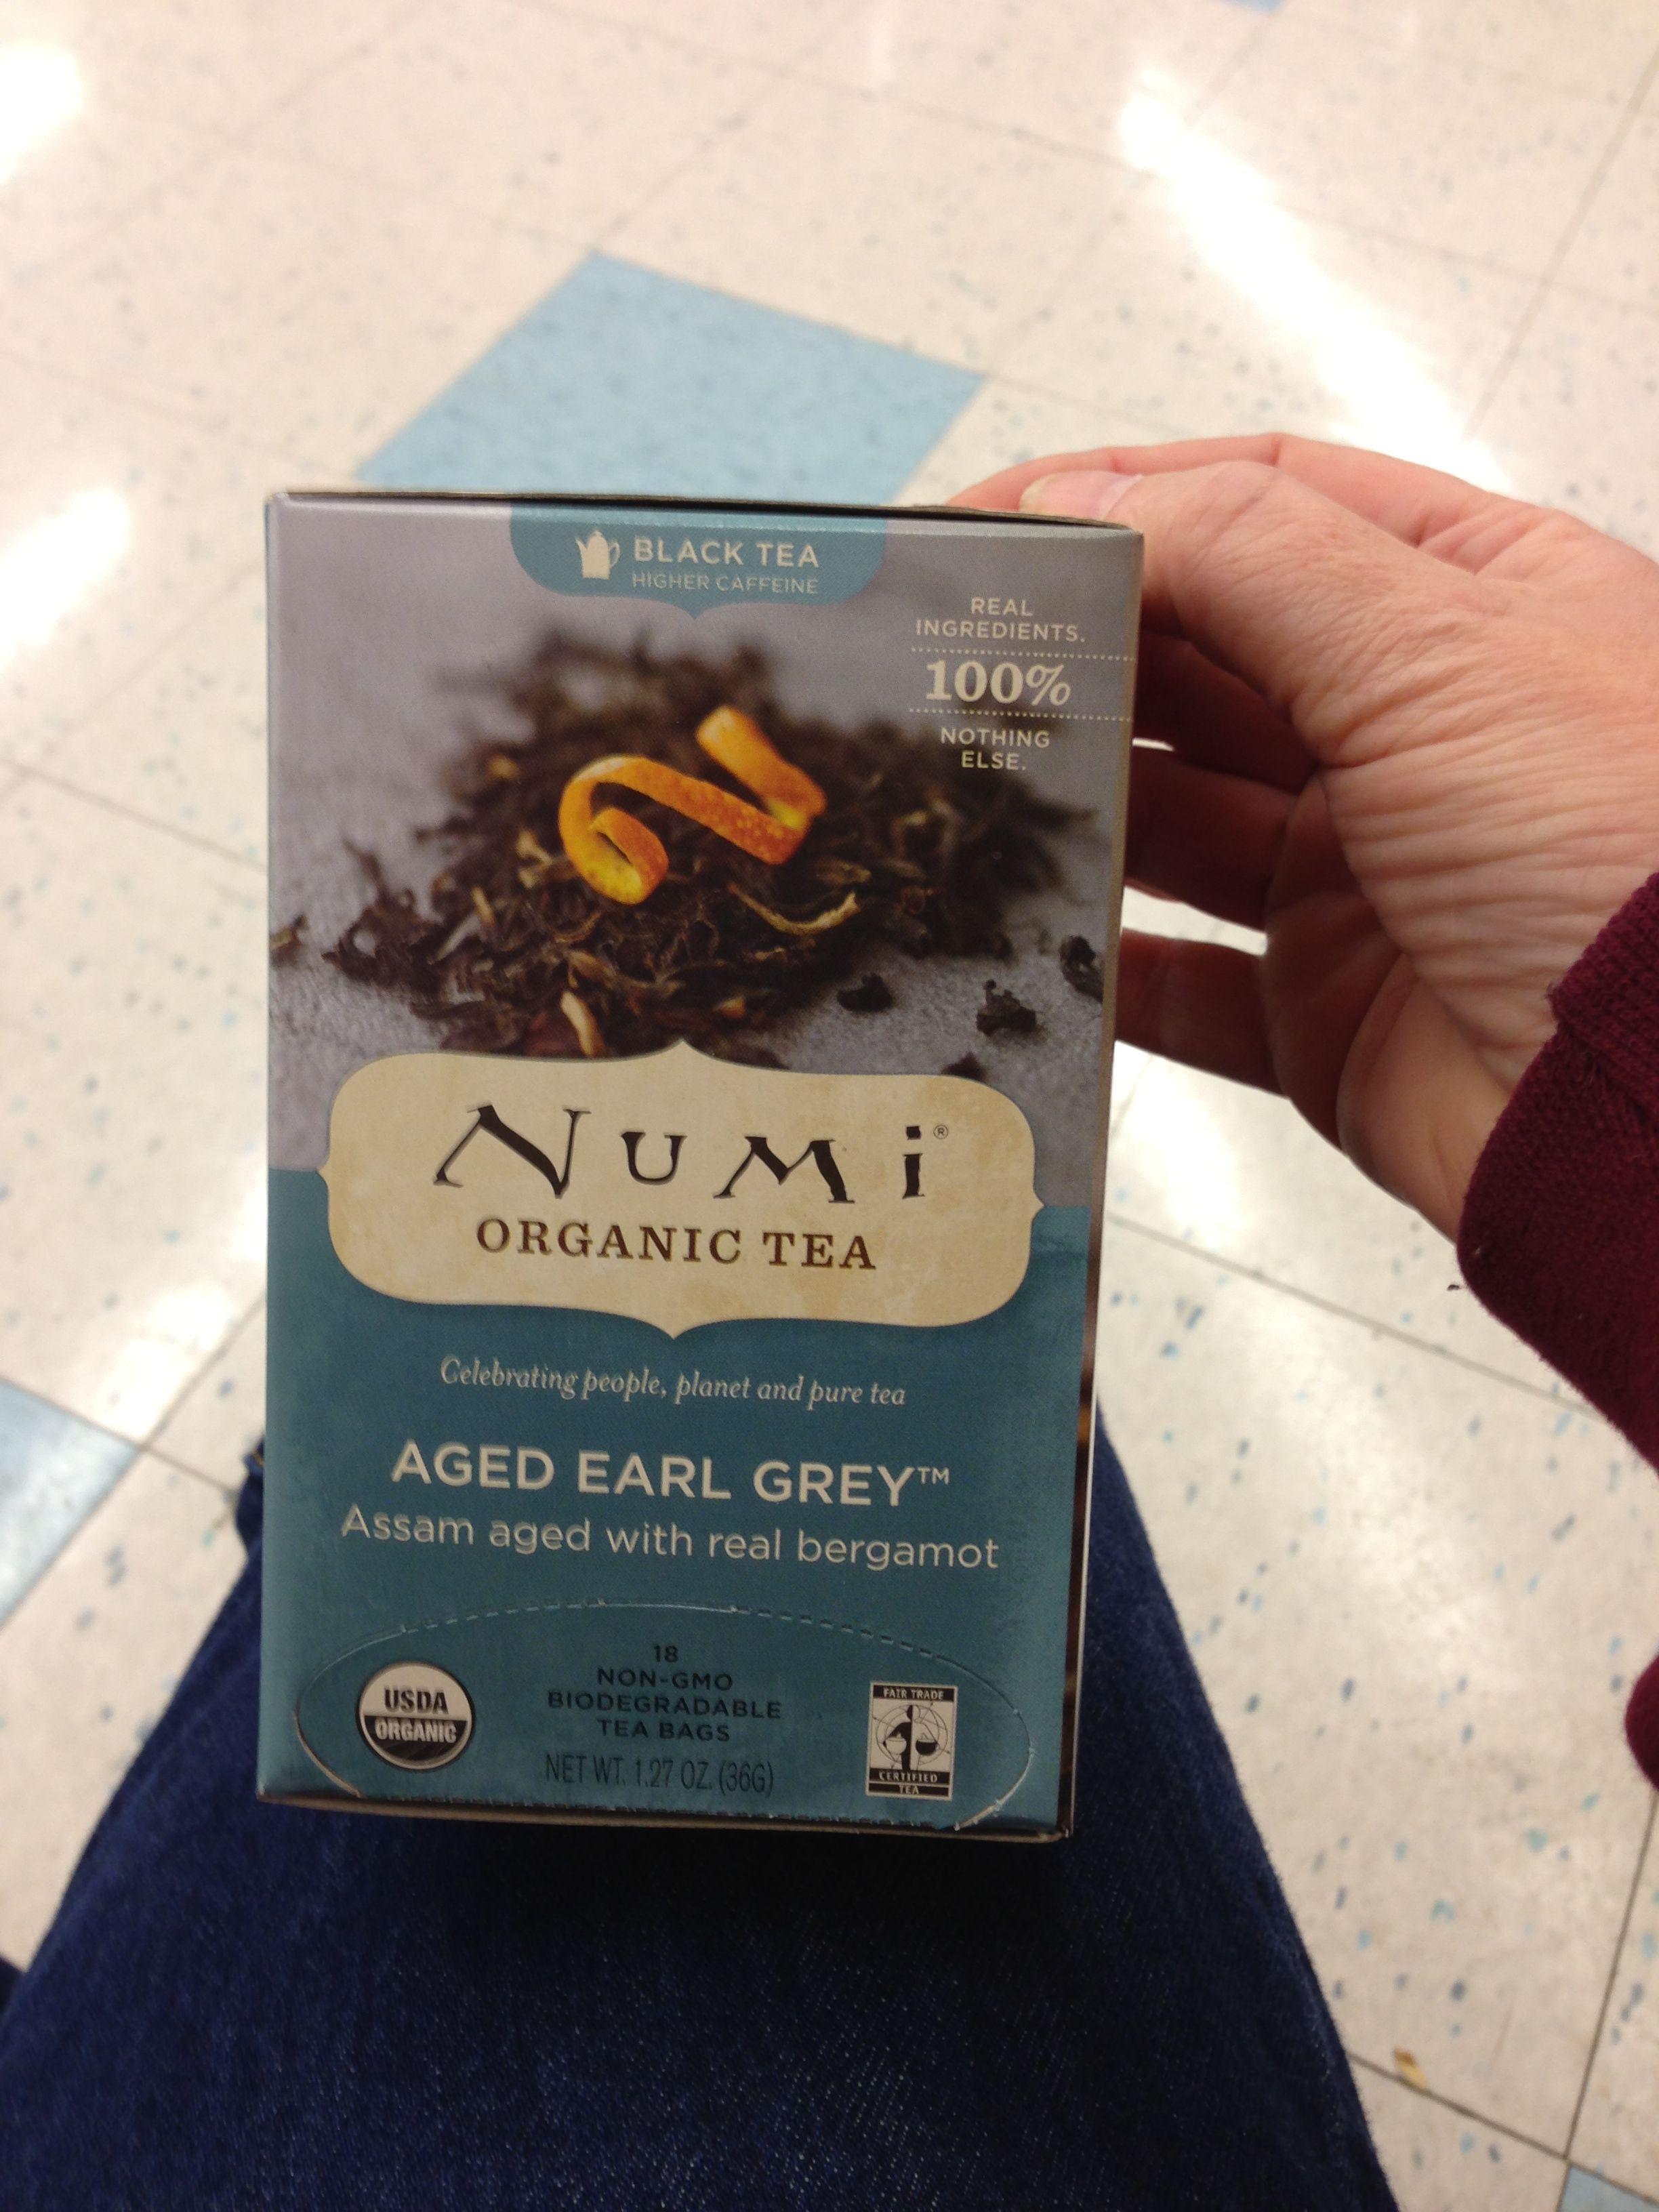 Love good teas